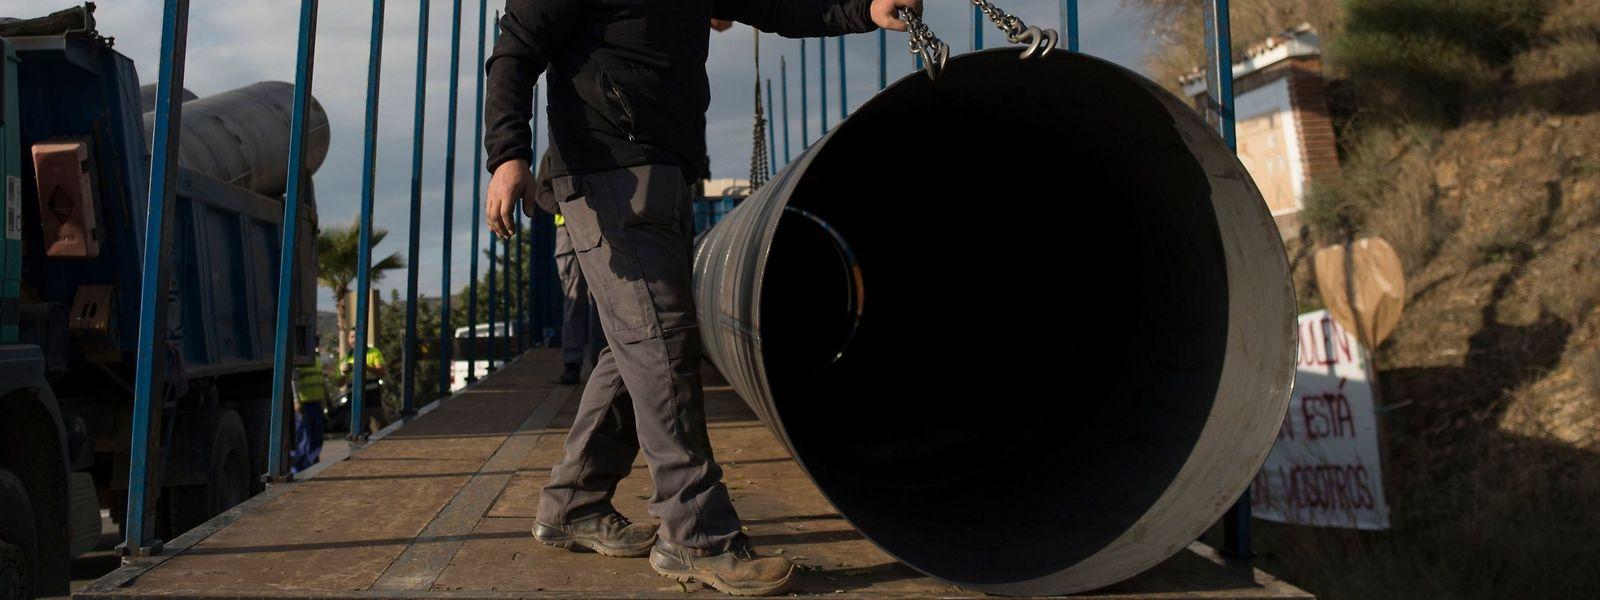 Stahlrohre sollen das Bohrloch stabilisieren.